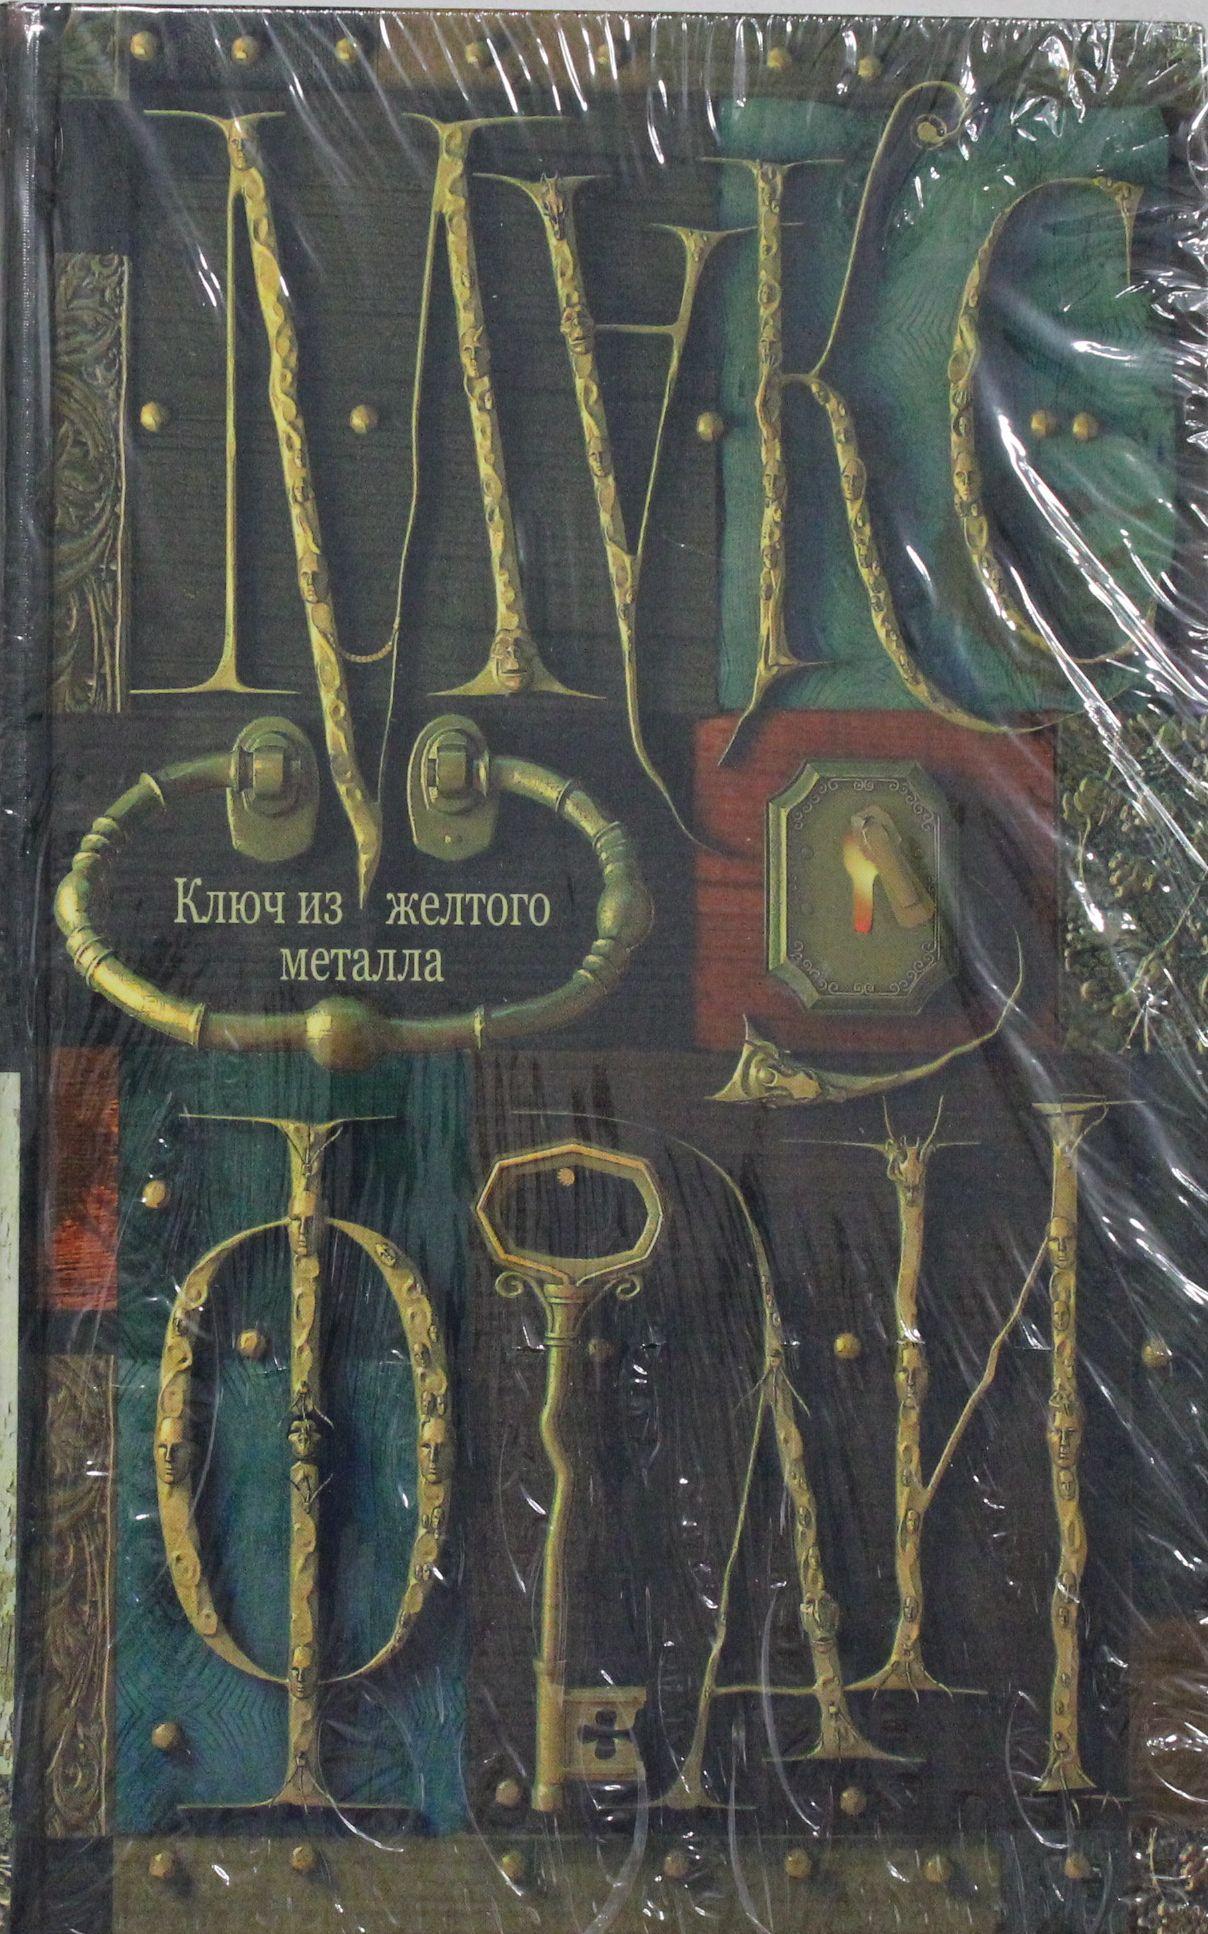 Kljuch iz zheltogo metalla